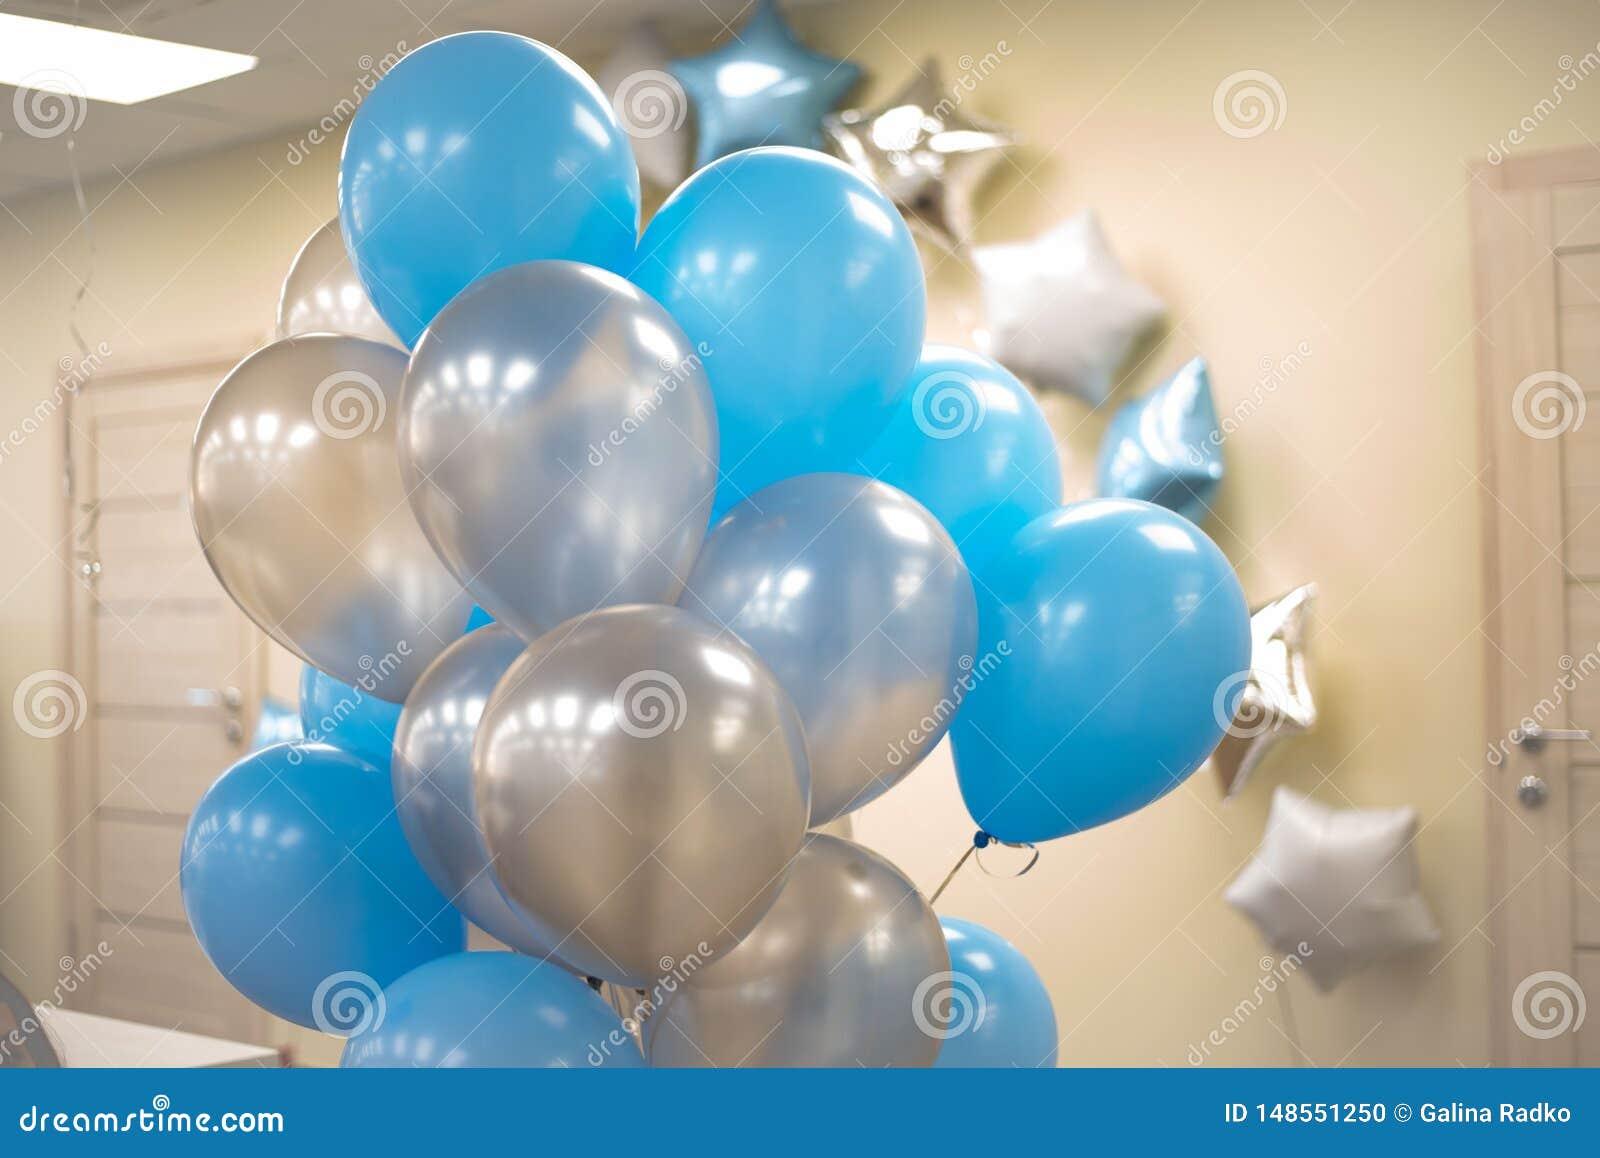 Globos azules y blancos en la oficina Concepto de Celebraty Backgound